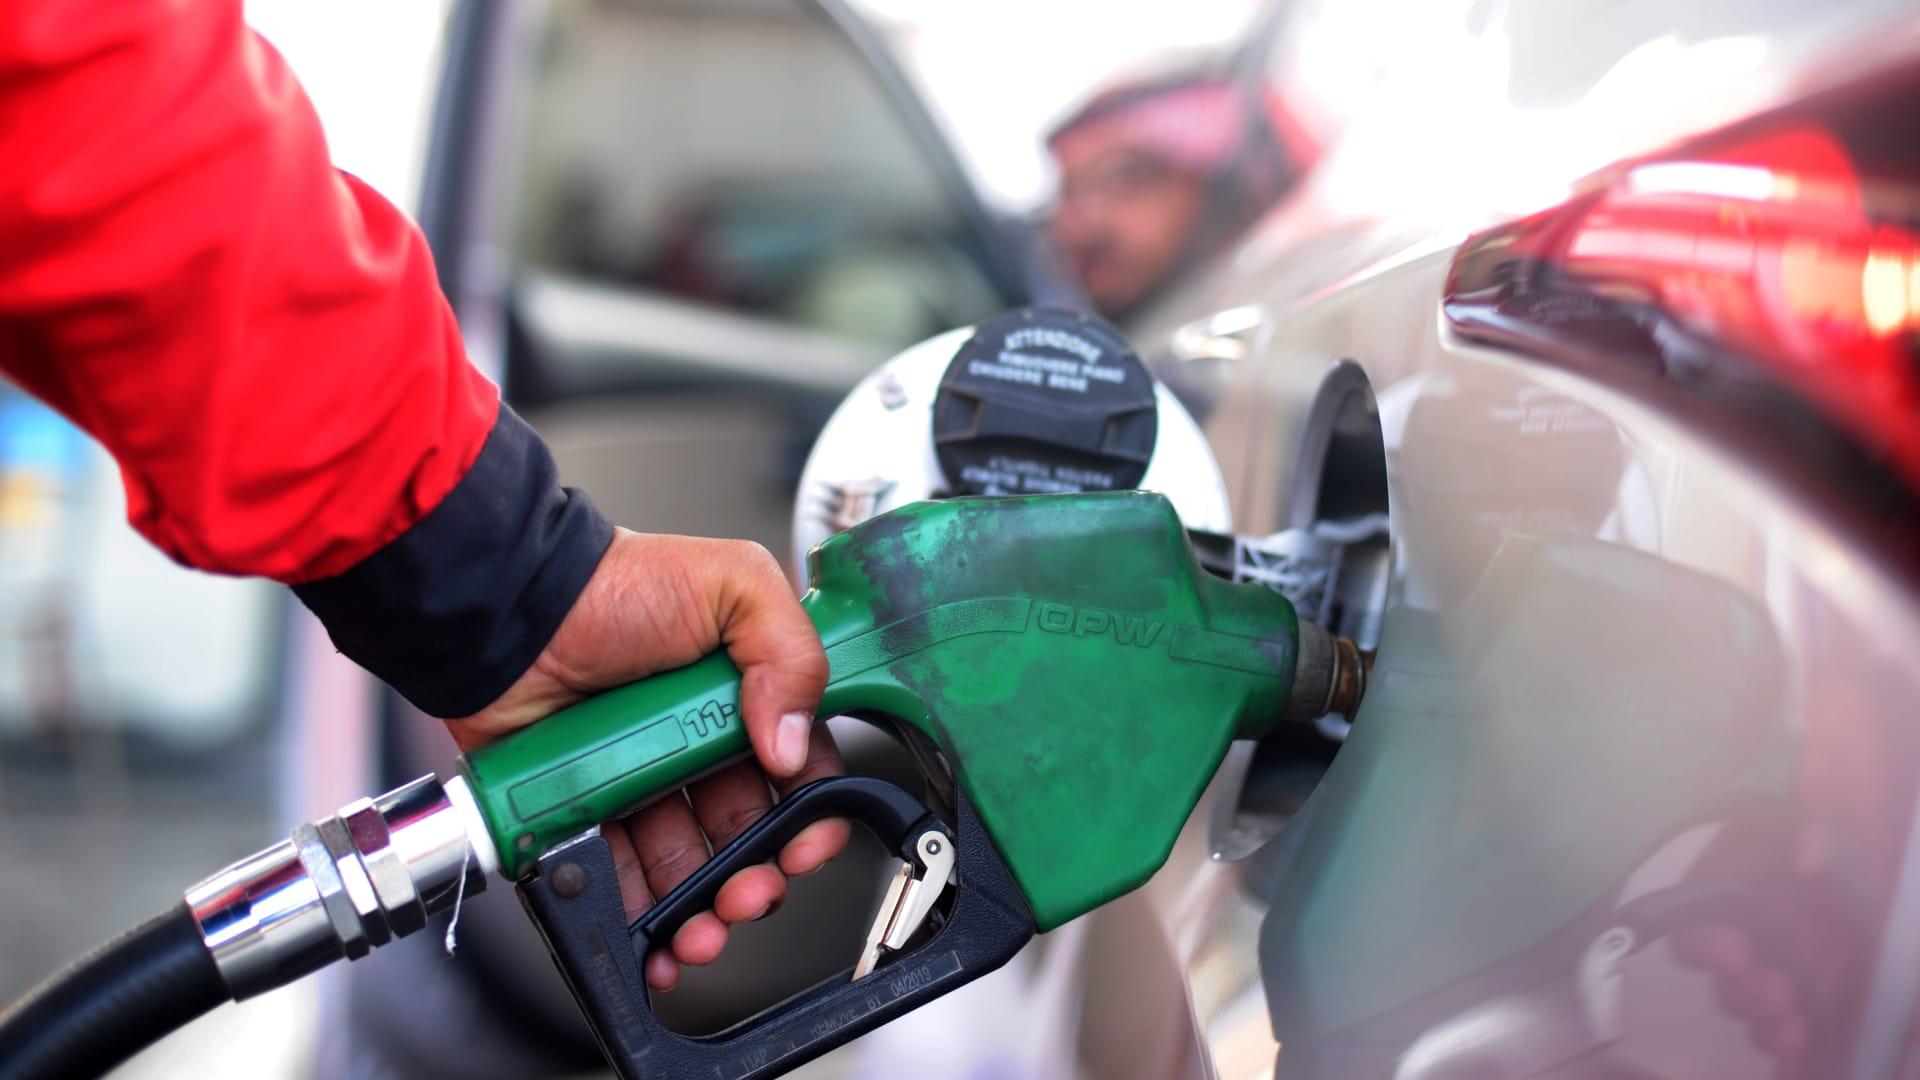 في السعودية.. أرامكو تراجع أسعار البنزين الجديدة لشهر مارس